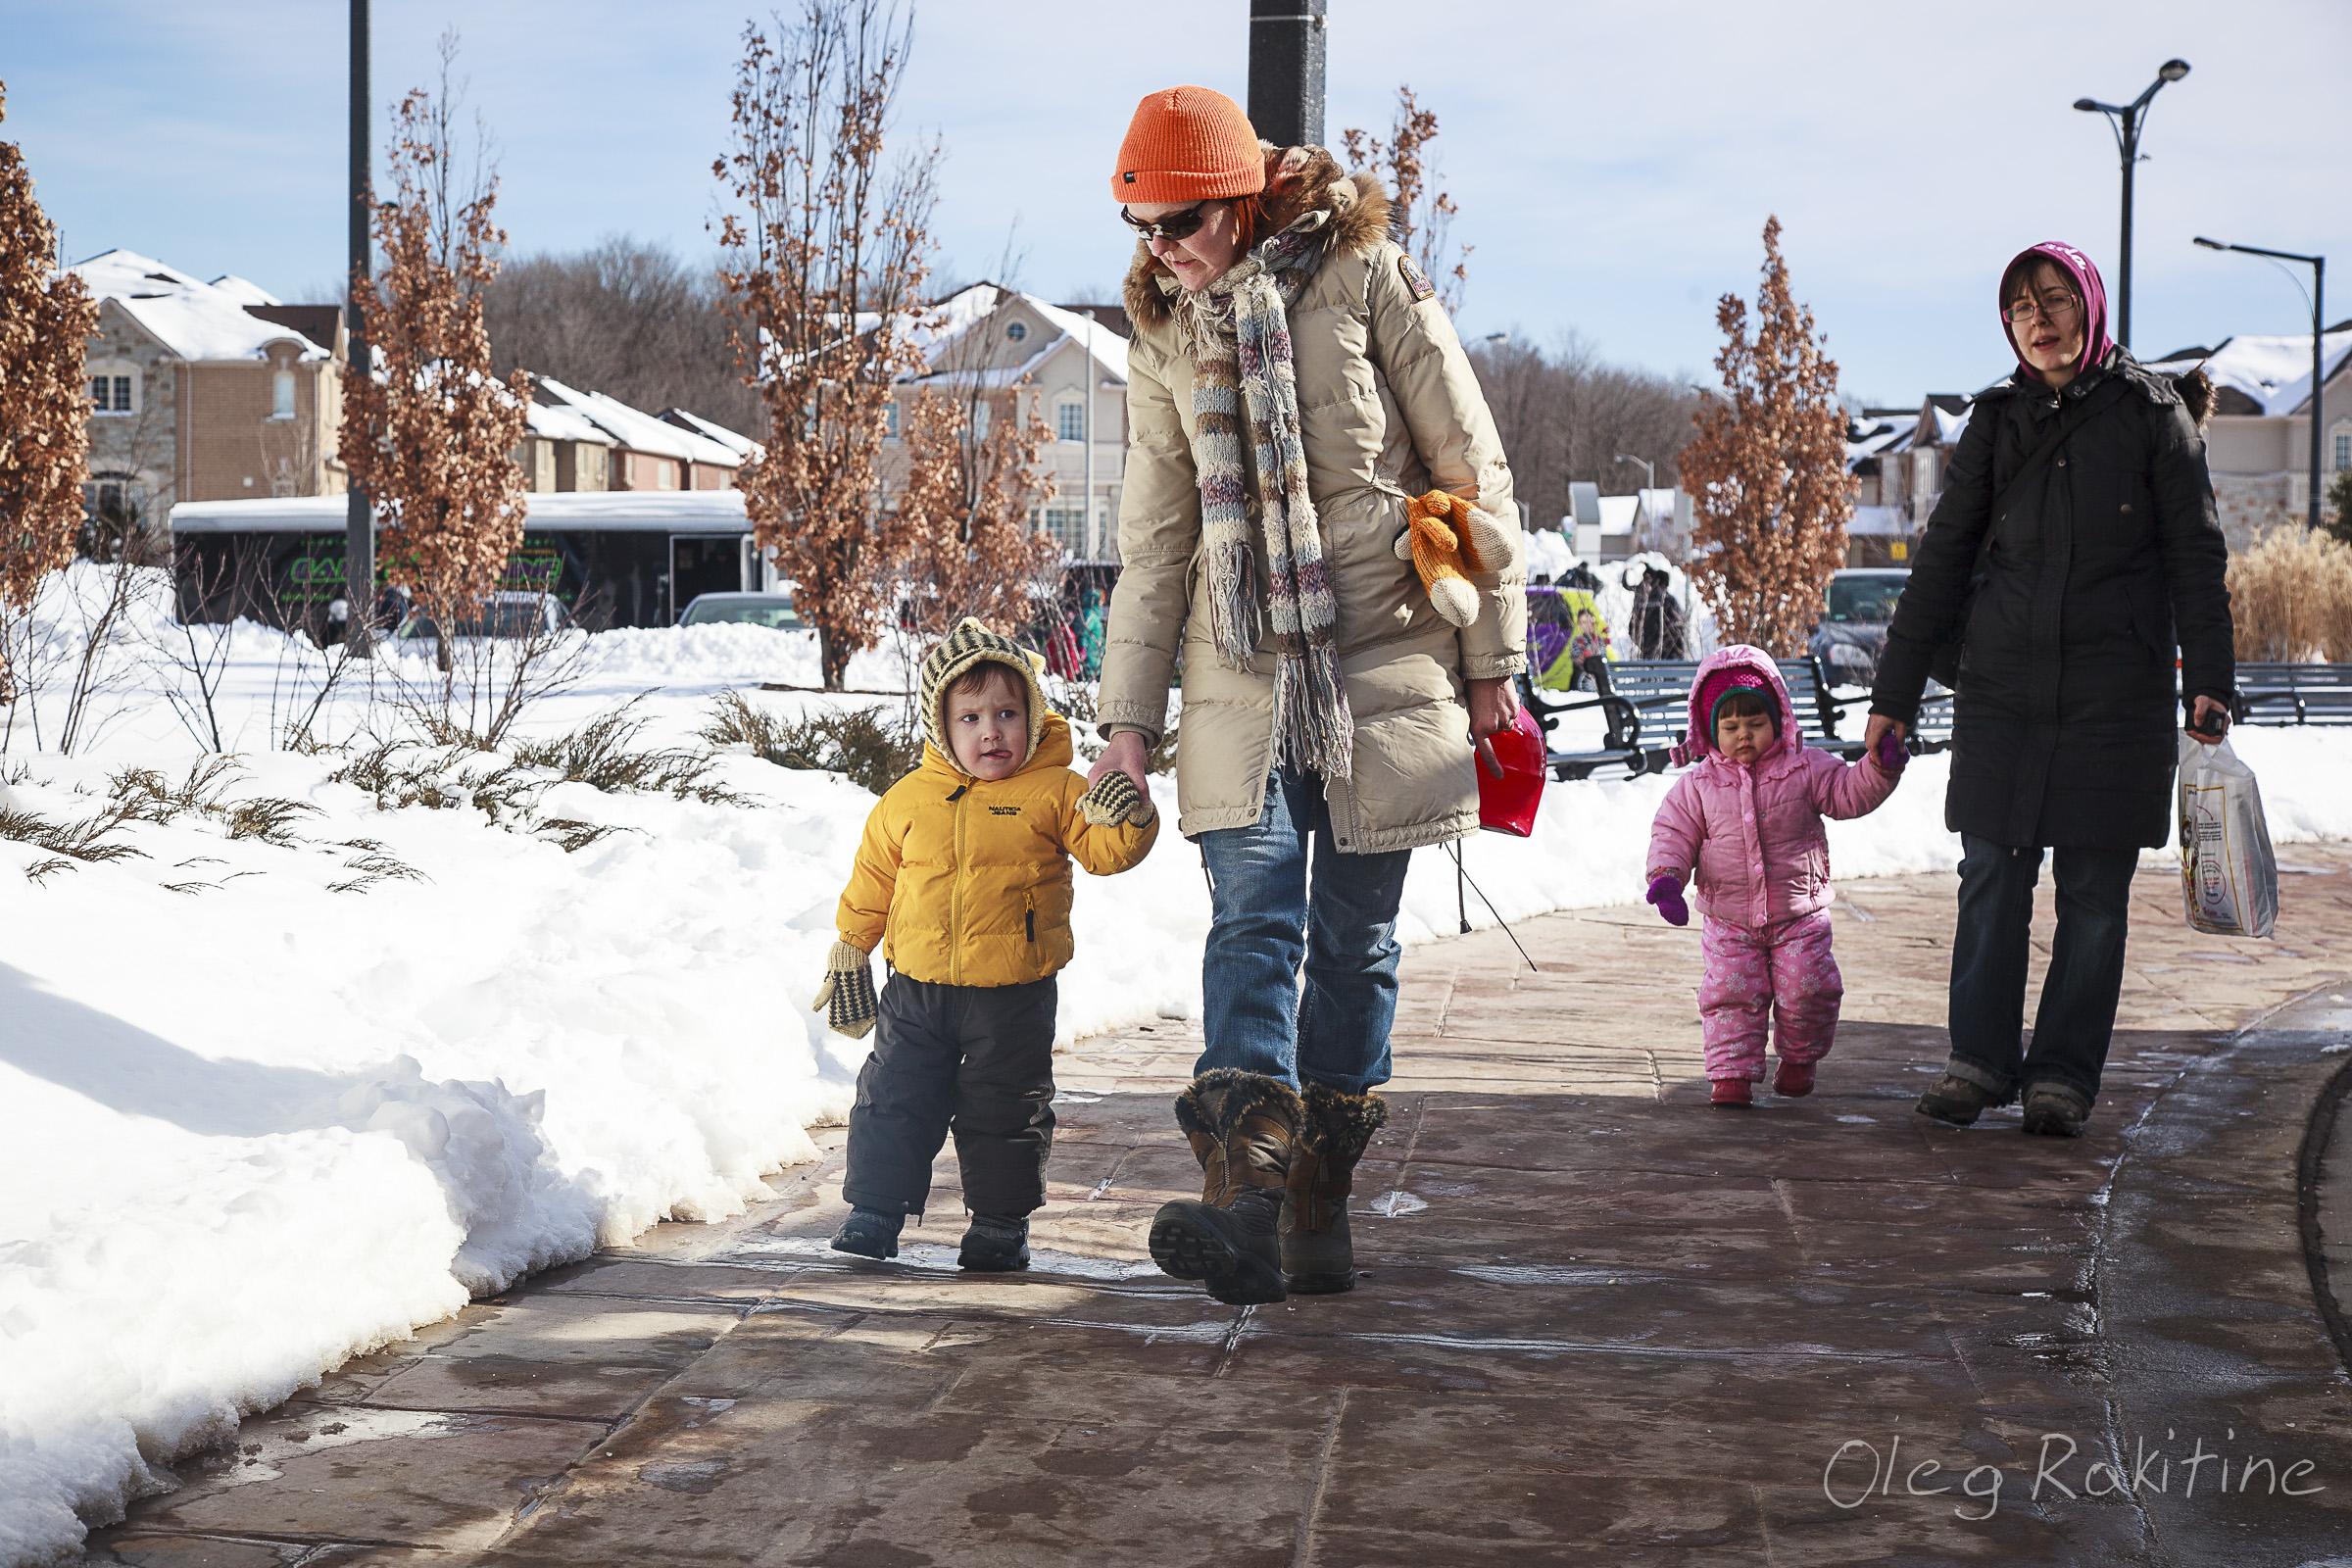 winter-festival-013.jpg